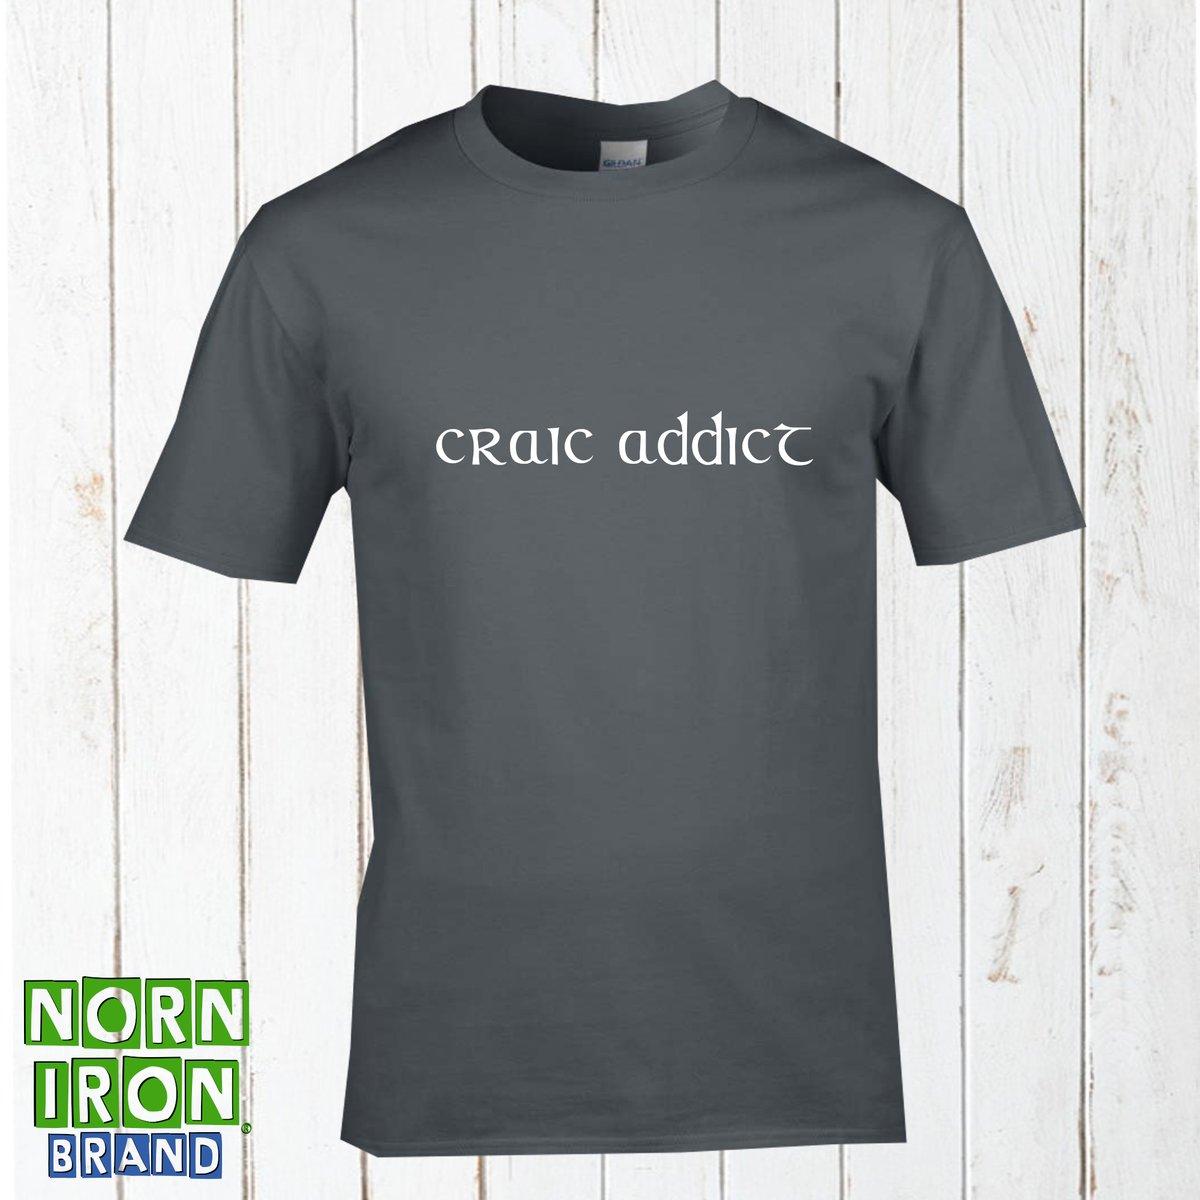 Craic Addict T-shirt